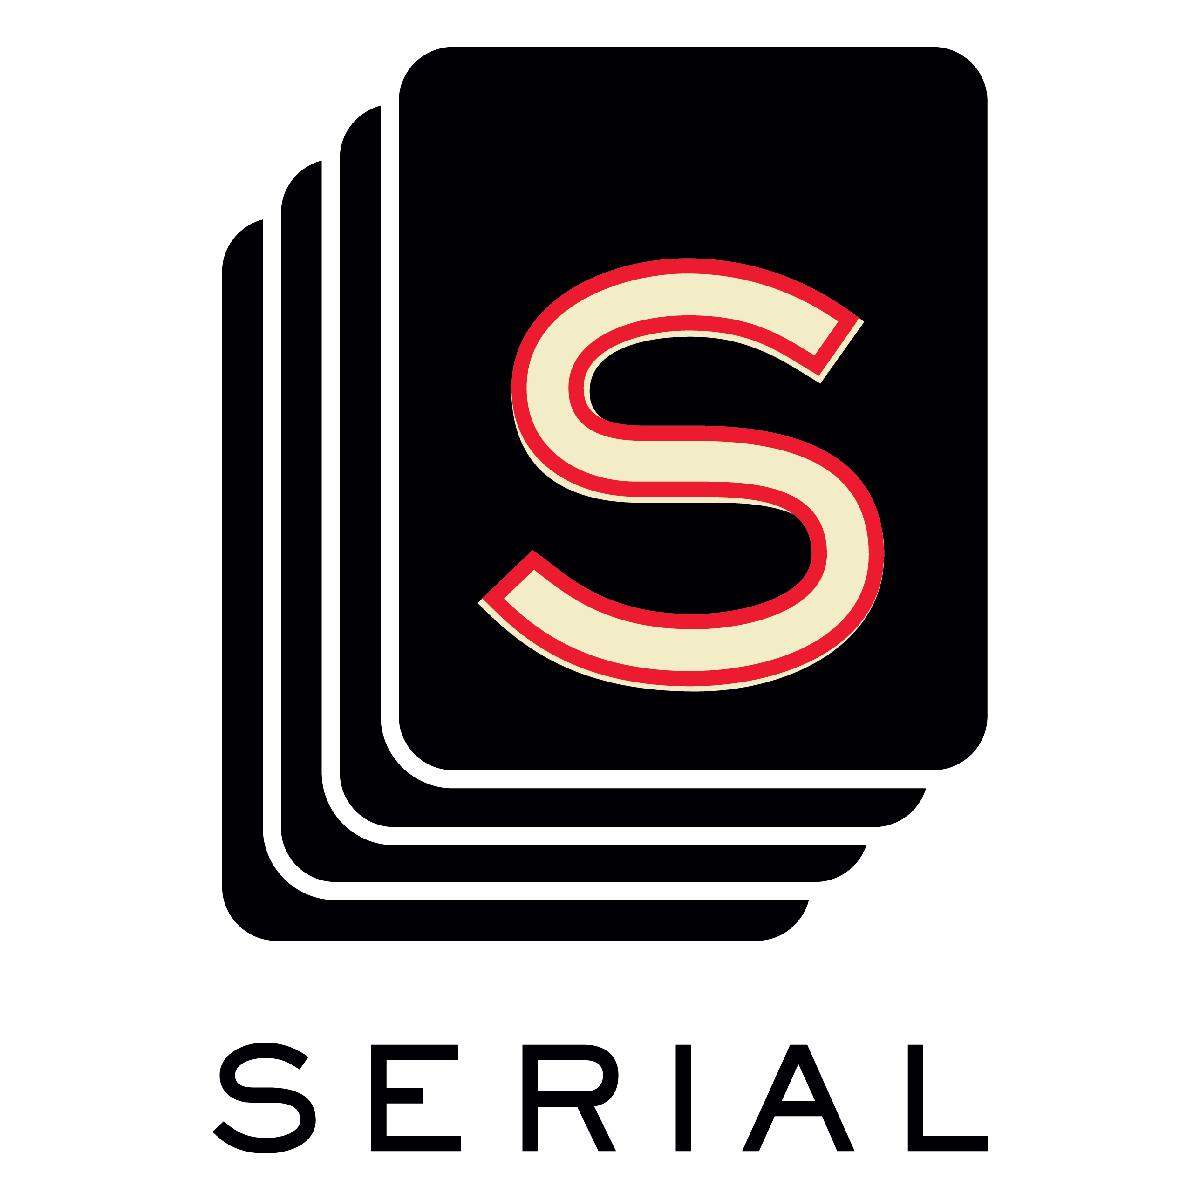 Serial's killer fact